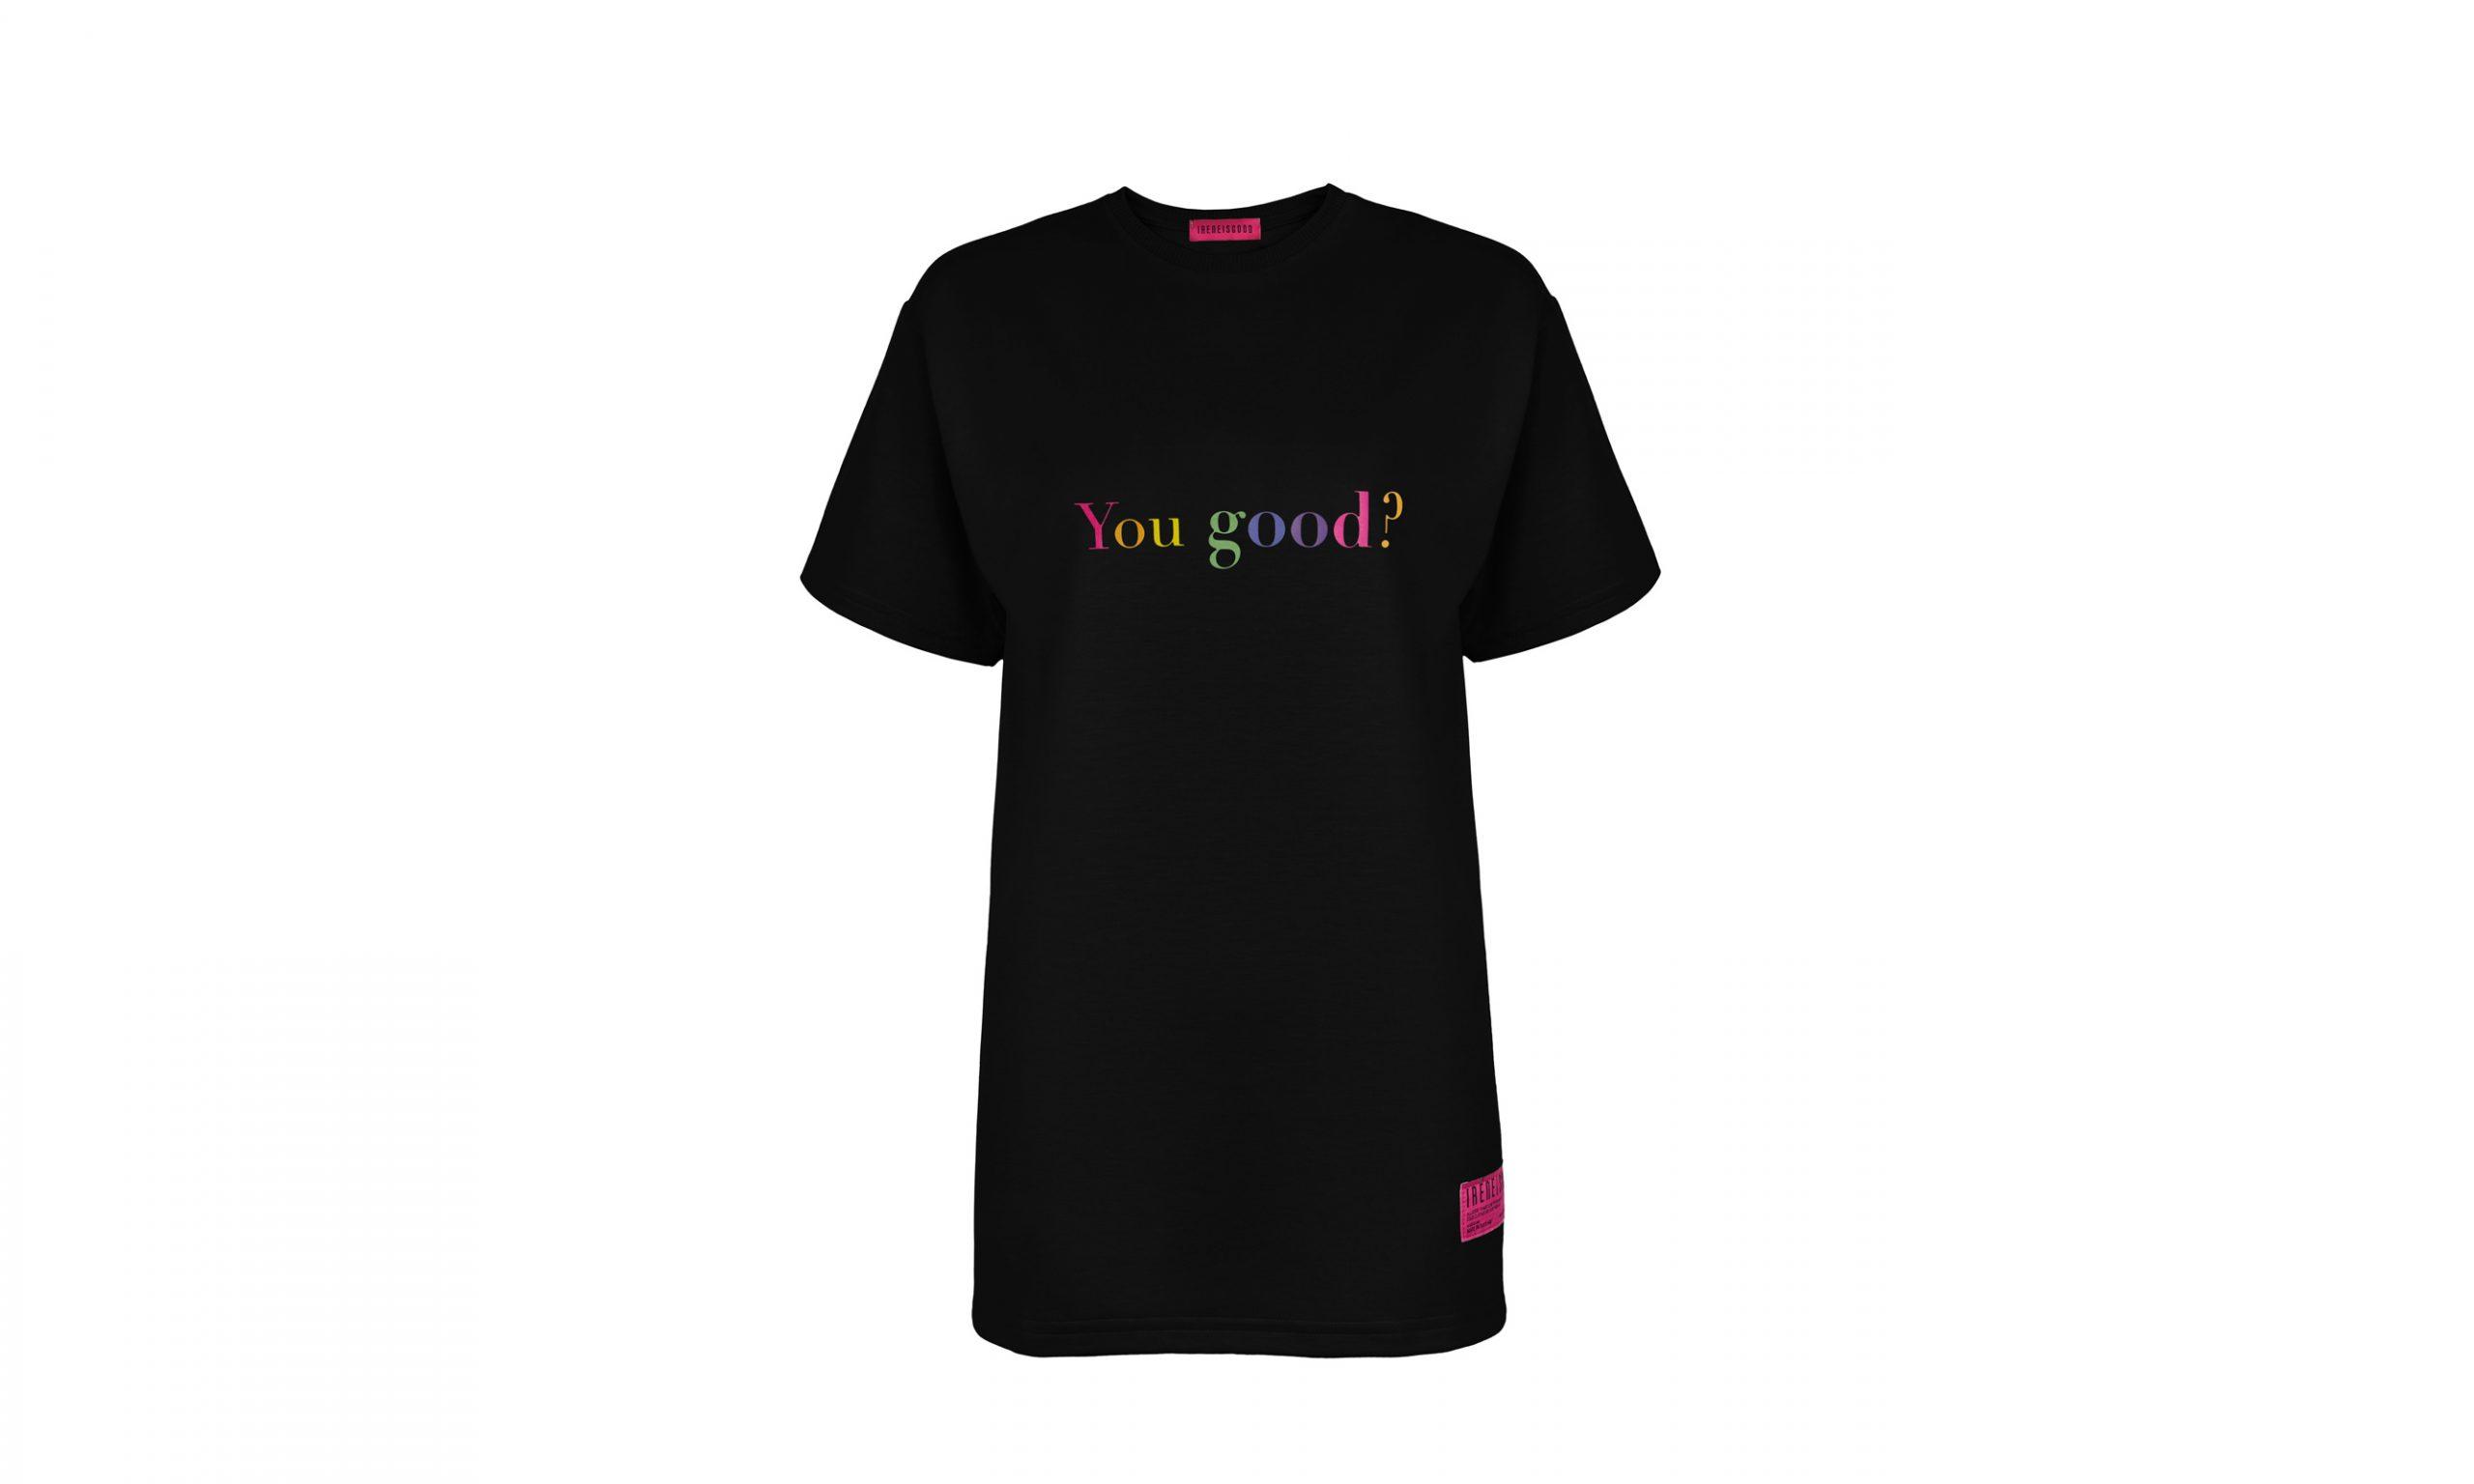 韩国时尚品牌 IRENEISGOOD 即将推出彩色字句 T 恤系列